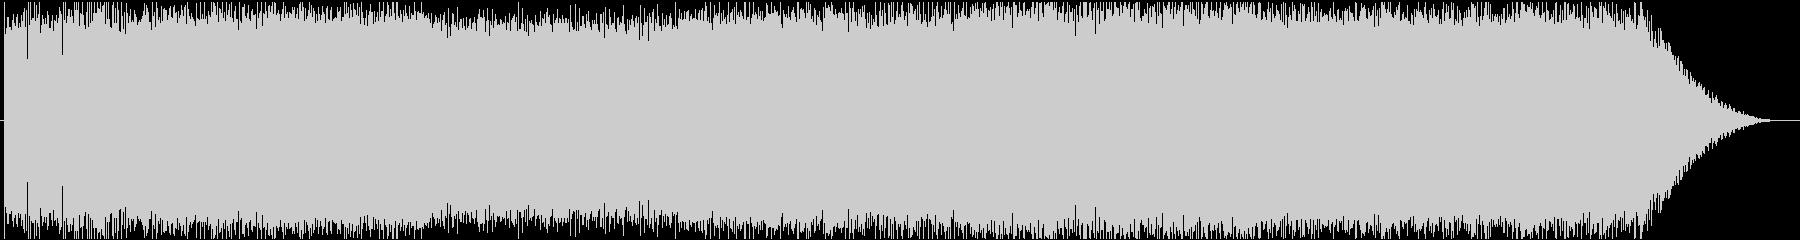 キャッチーで躍動感のあるエレクトロニカの未再生の波形